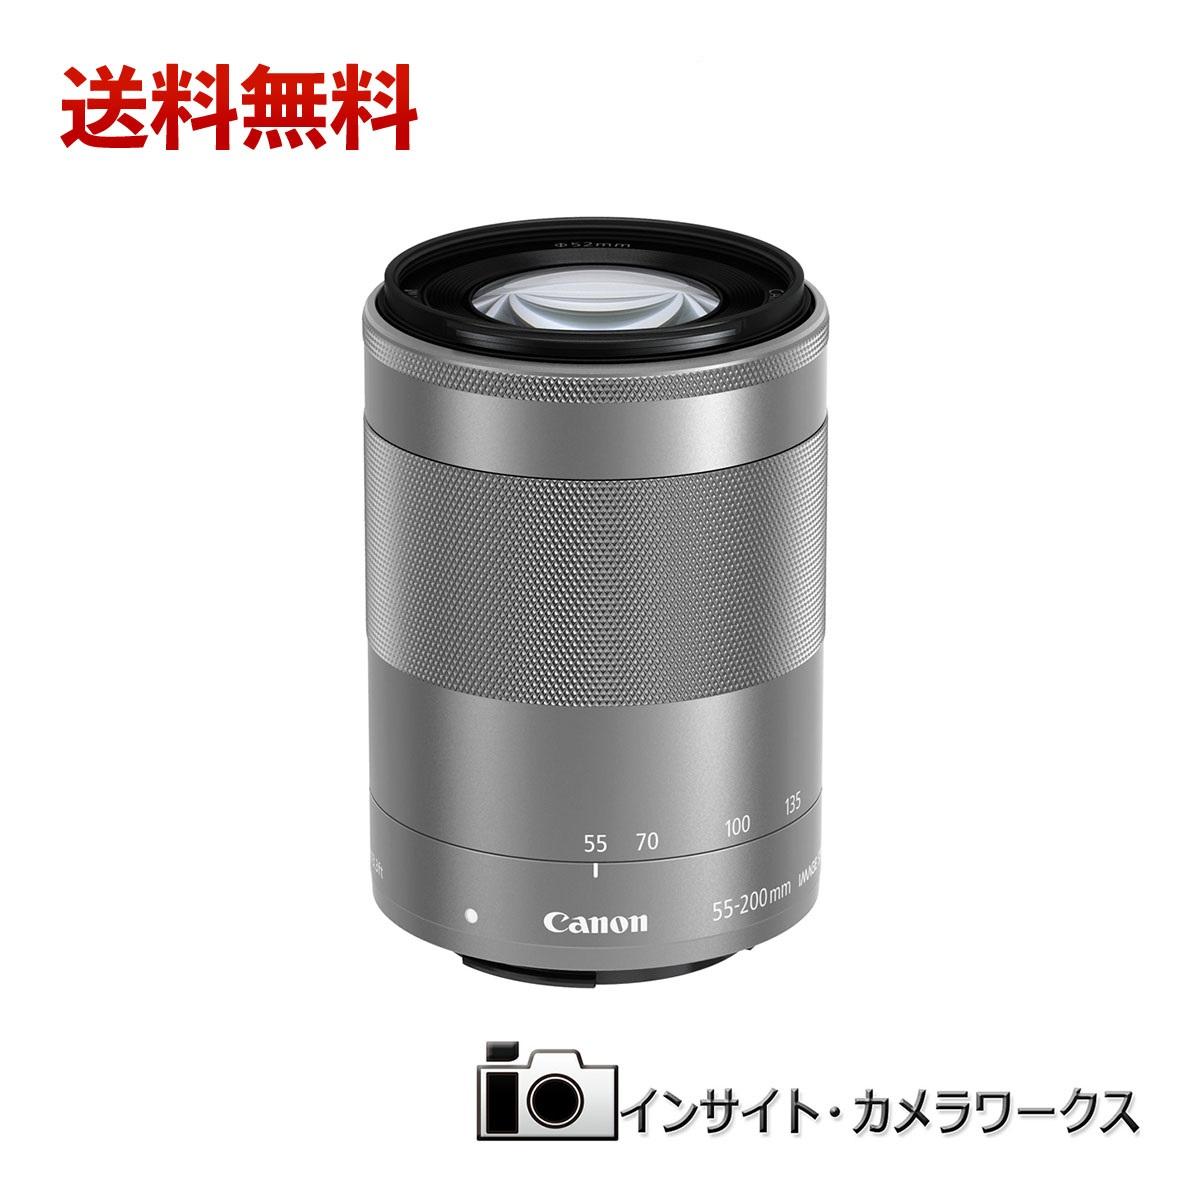 【特別価格】Canon 望遠ズームレンズ EF-M55-200mm F4.5-6.3 IS STM(シルバー) ミラーレス専用 EF-M55-200ISSTMSL キヤノン ex